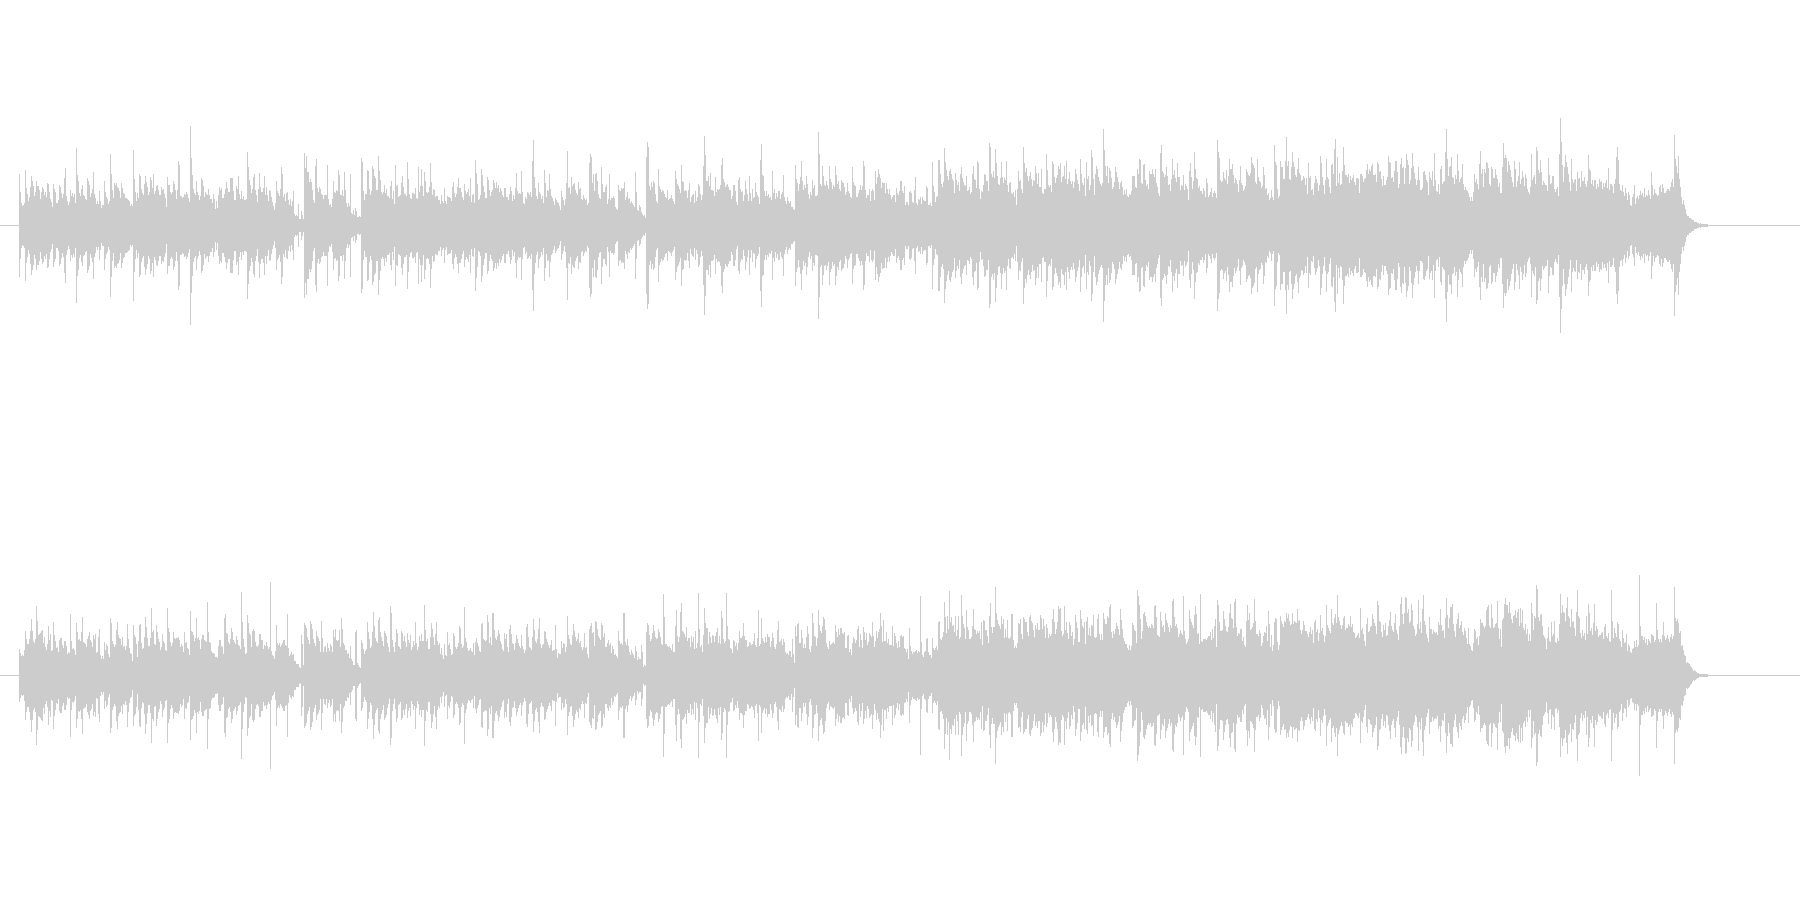 民族音楽風(カレー伝来)の未再生の波形